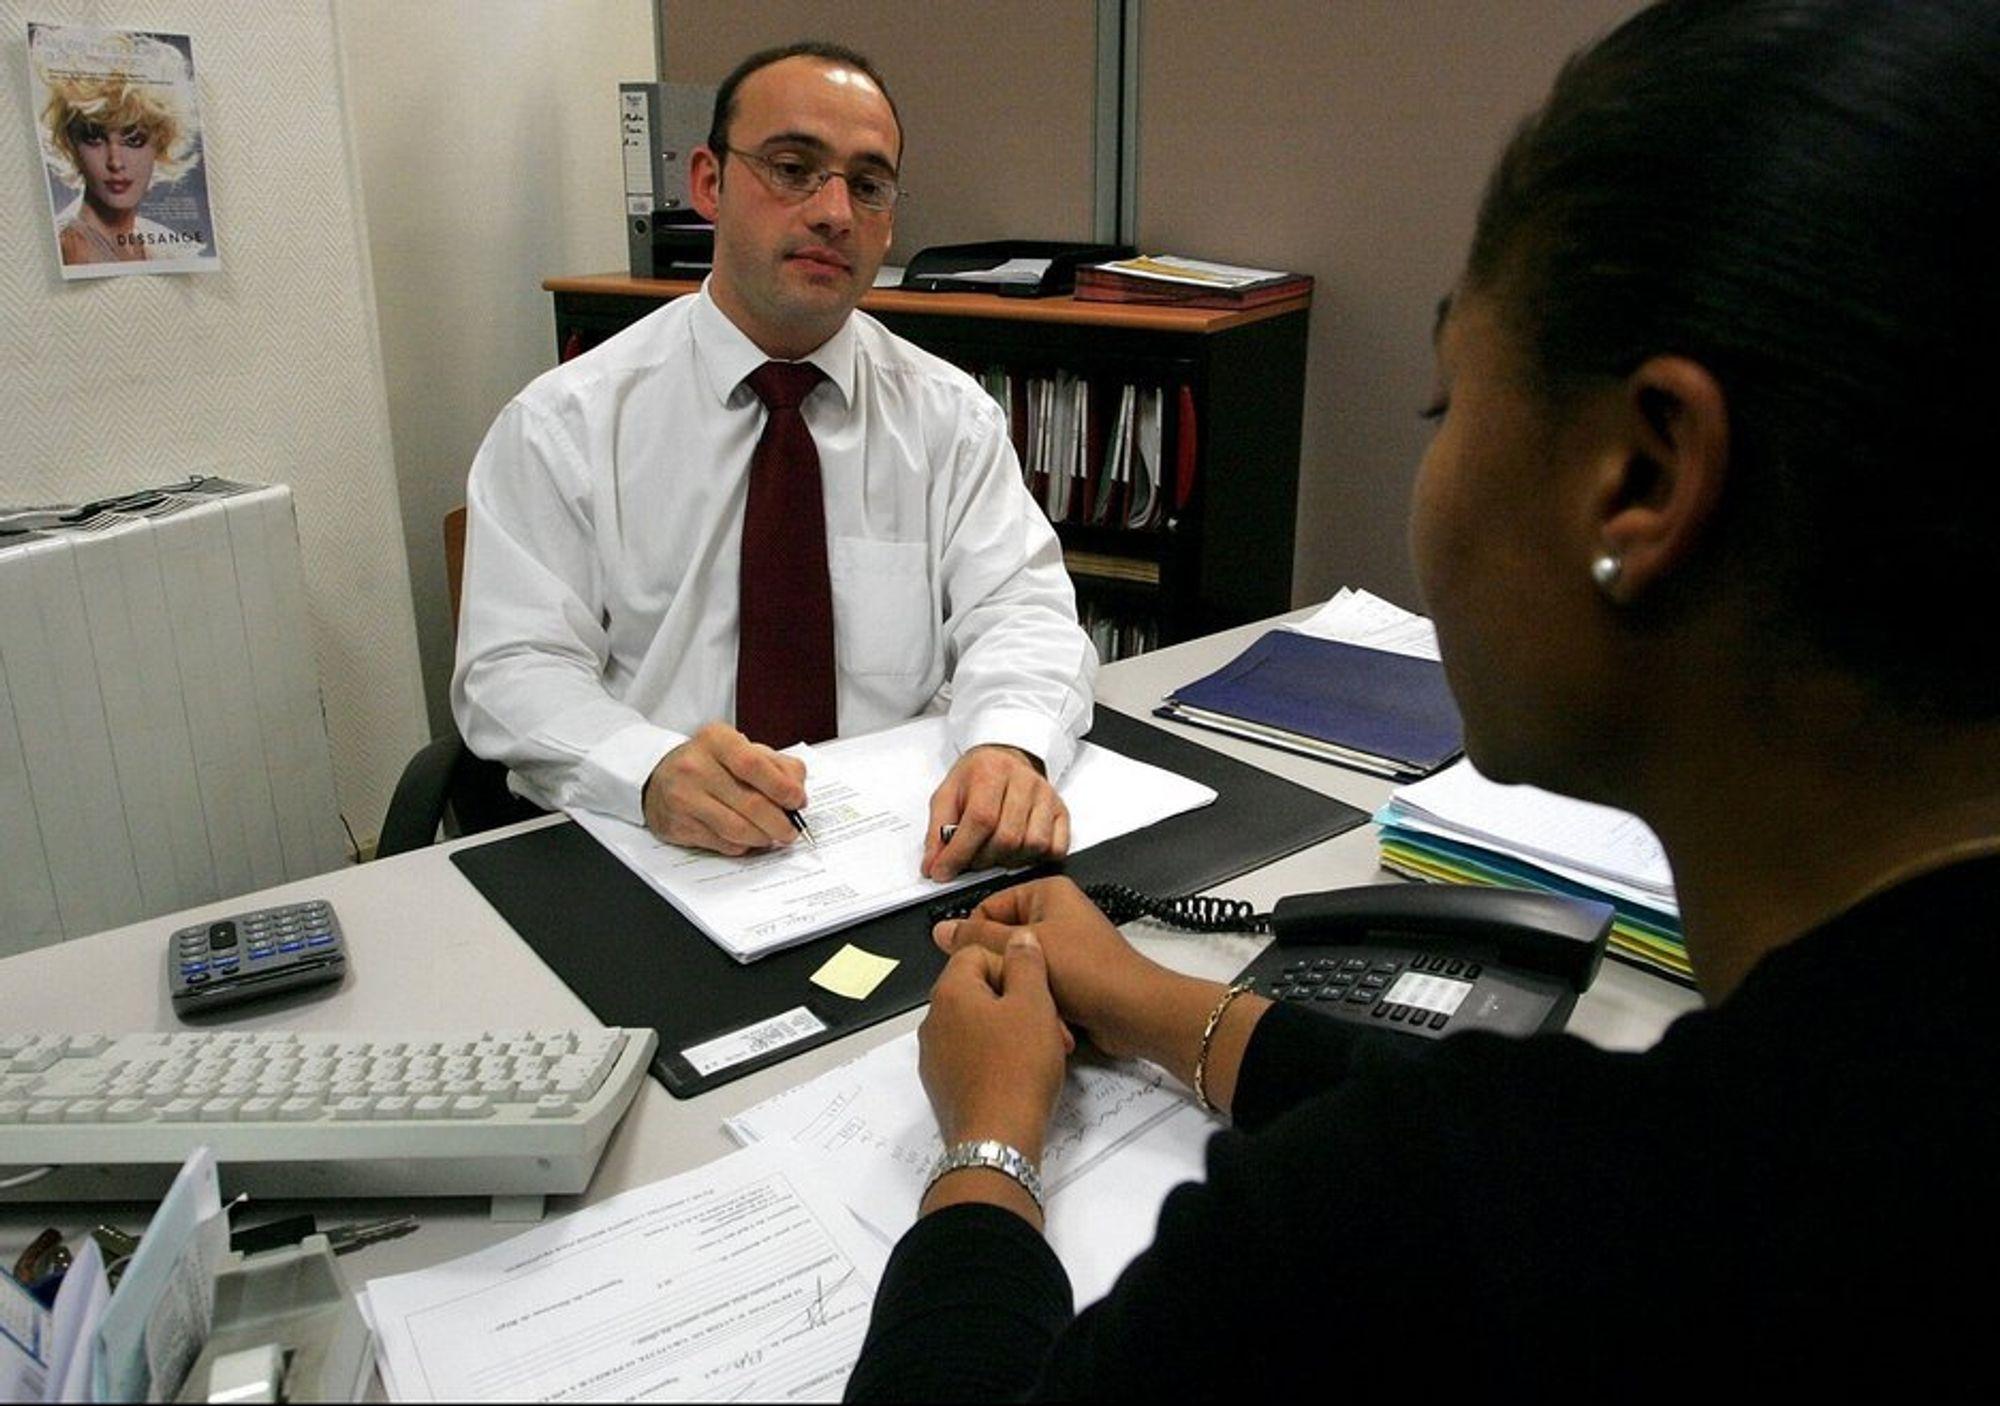 LISTE: Diskriminering på jobb er verst.